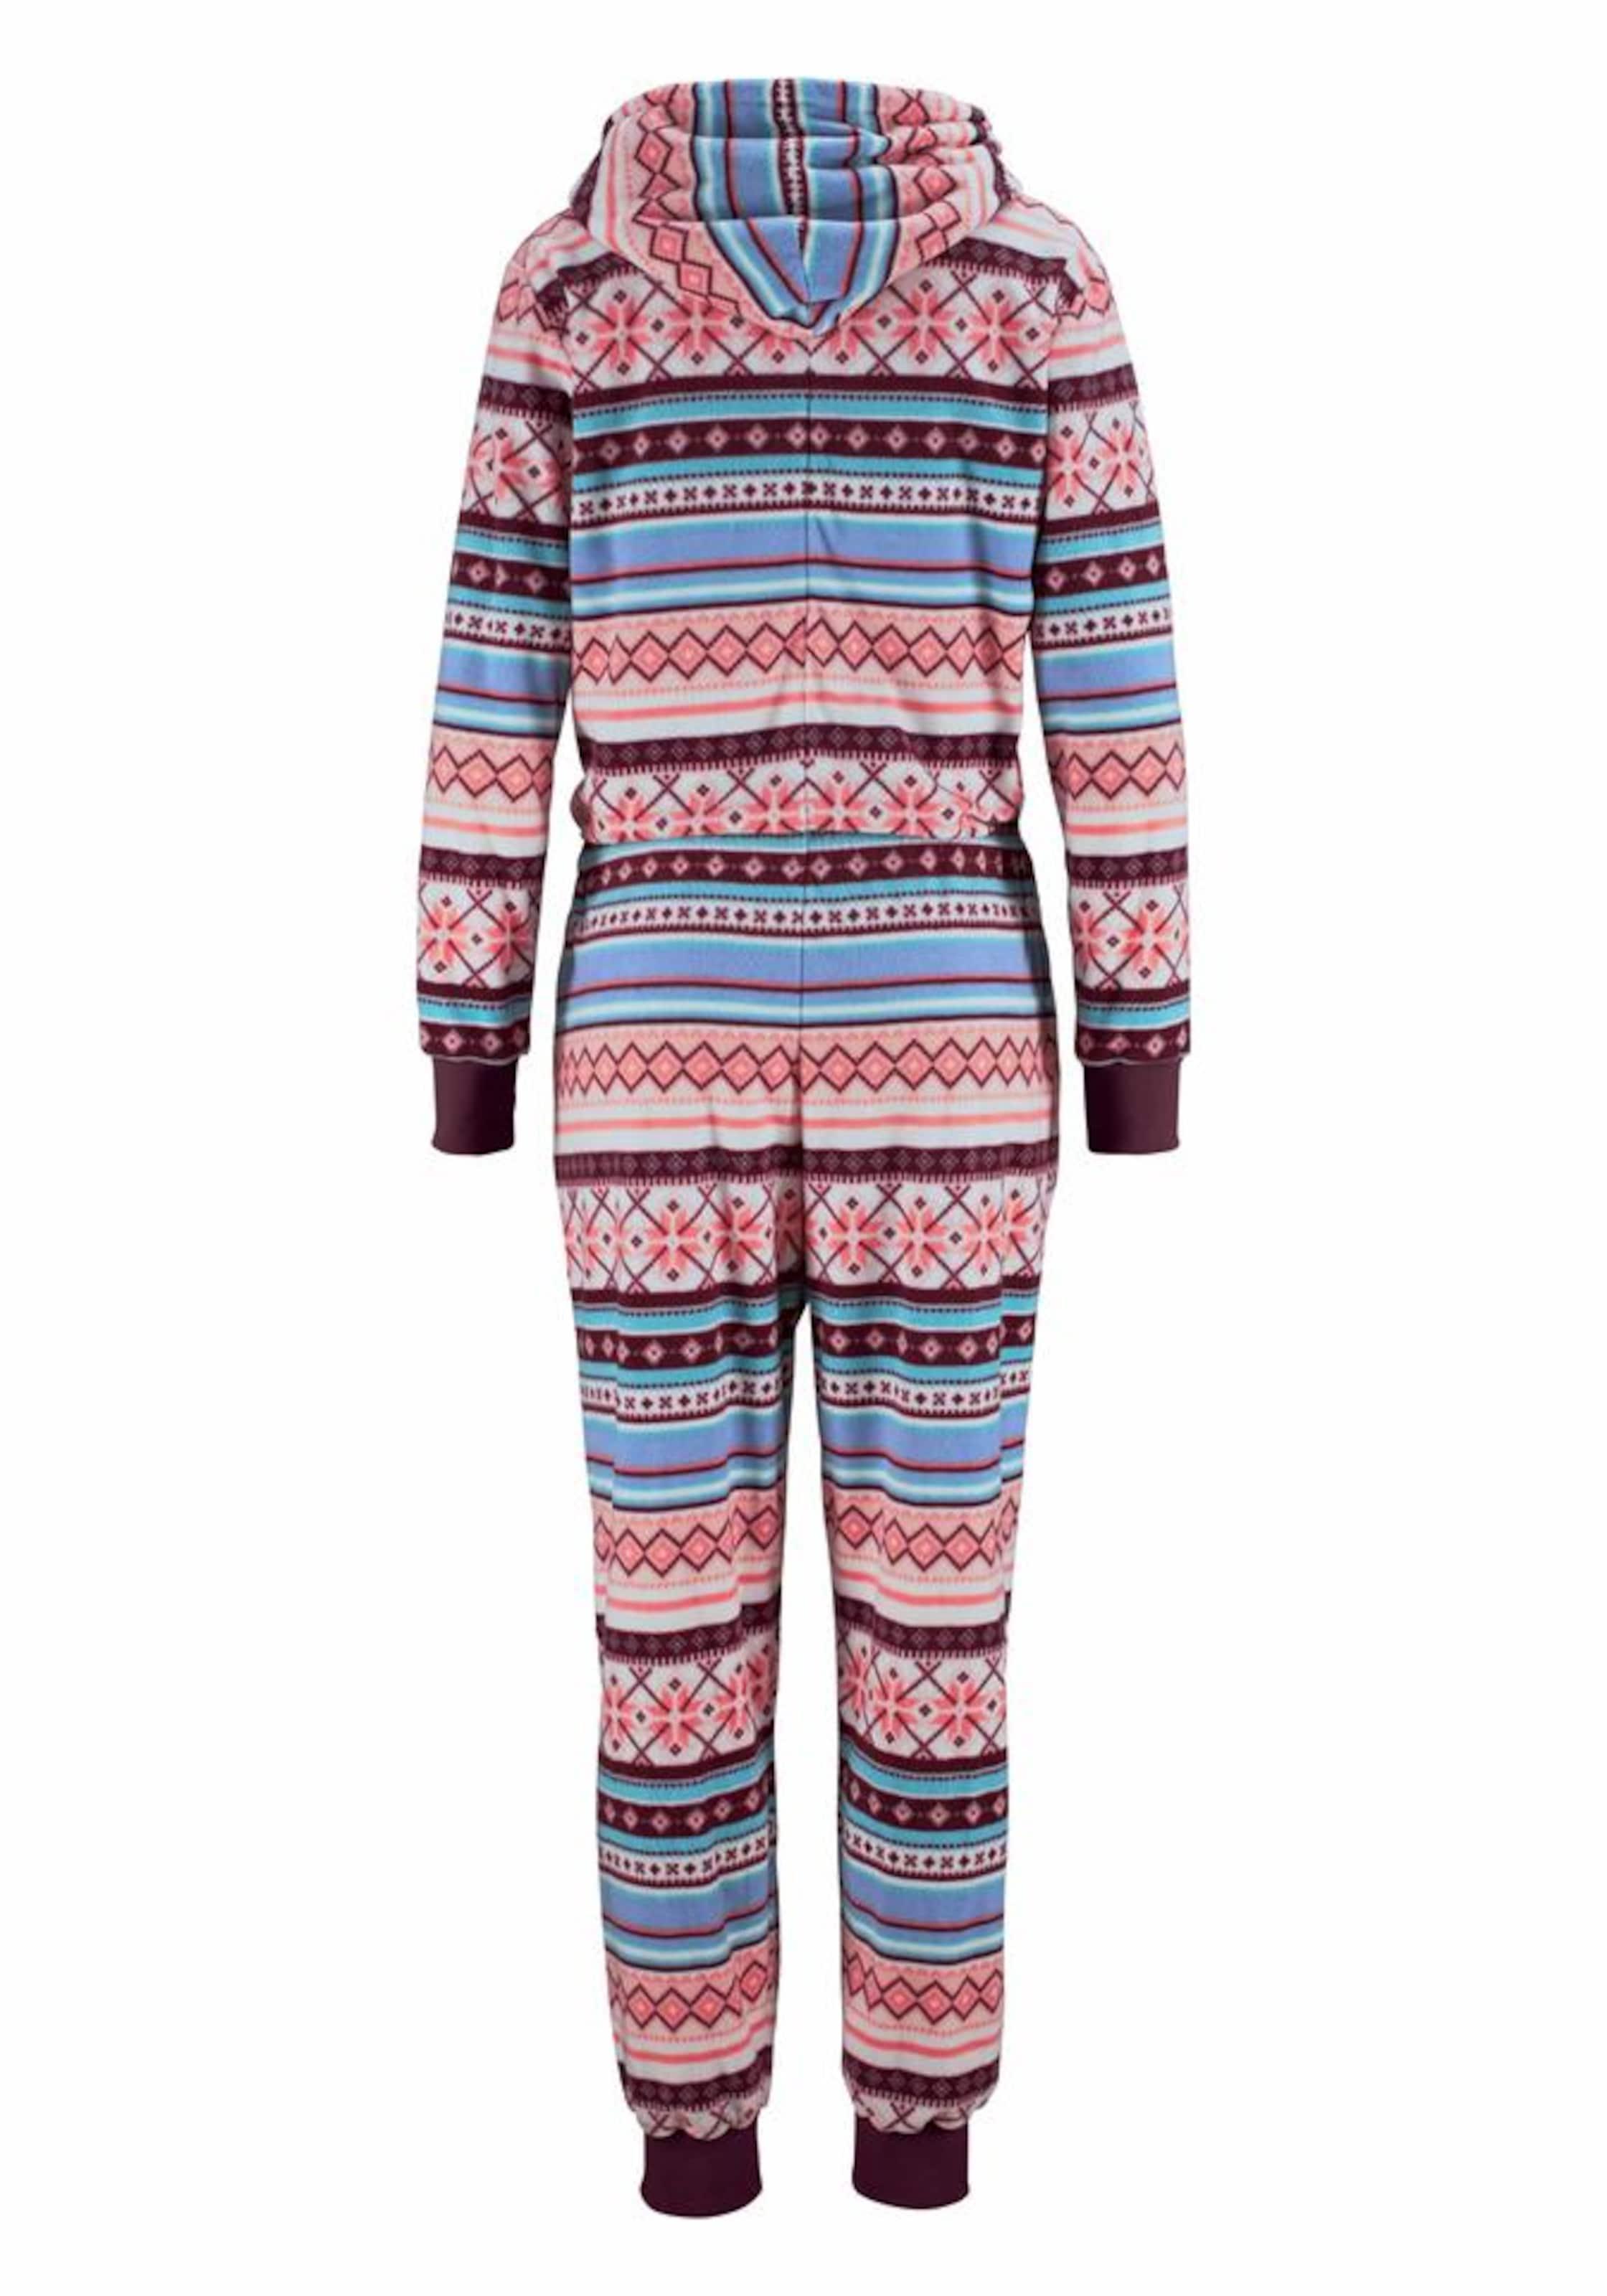 Niedrige Versandgebühr Verkauf Online Günstig Kaufen Billig BENCH Relax-Jumpsuit mit buntem Norwegermuster Suche Zum Verkauf Rabatt Erstaunlicher Preis ZVpUeJRg0